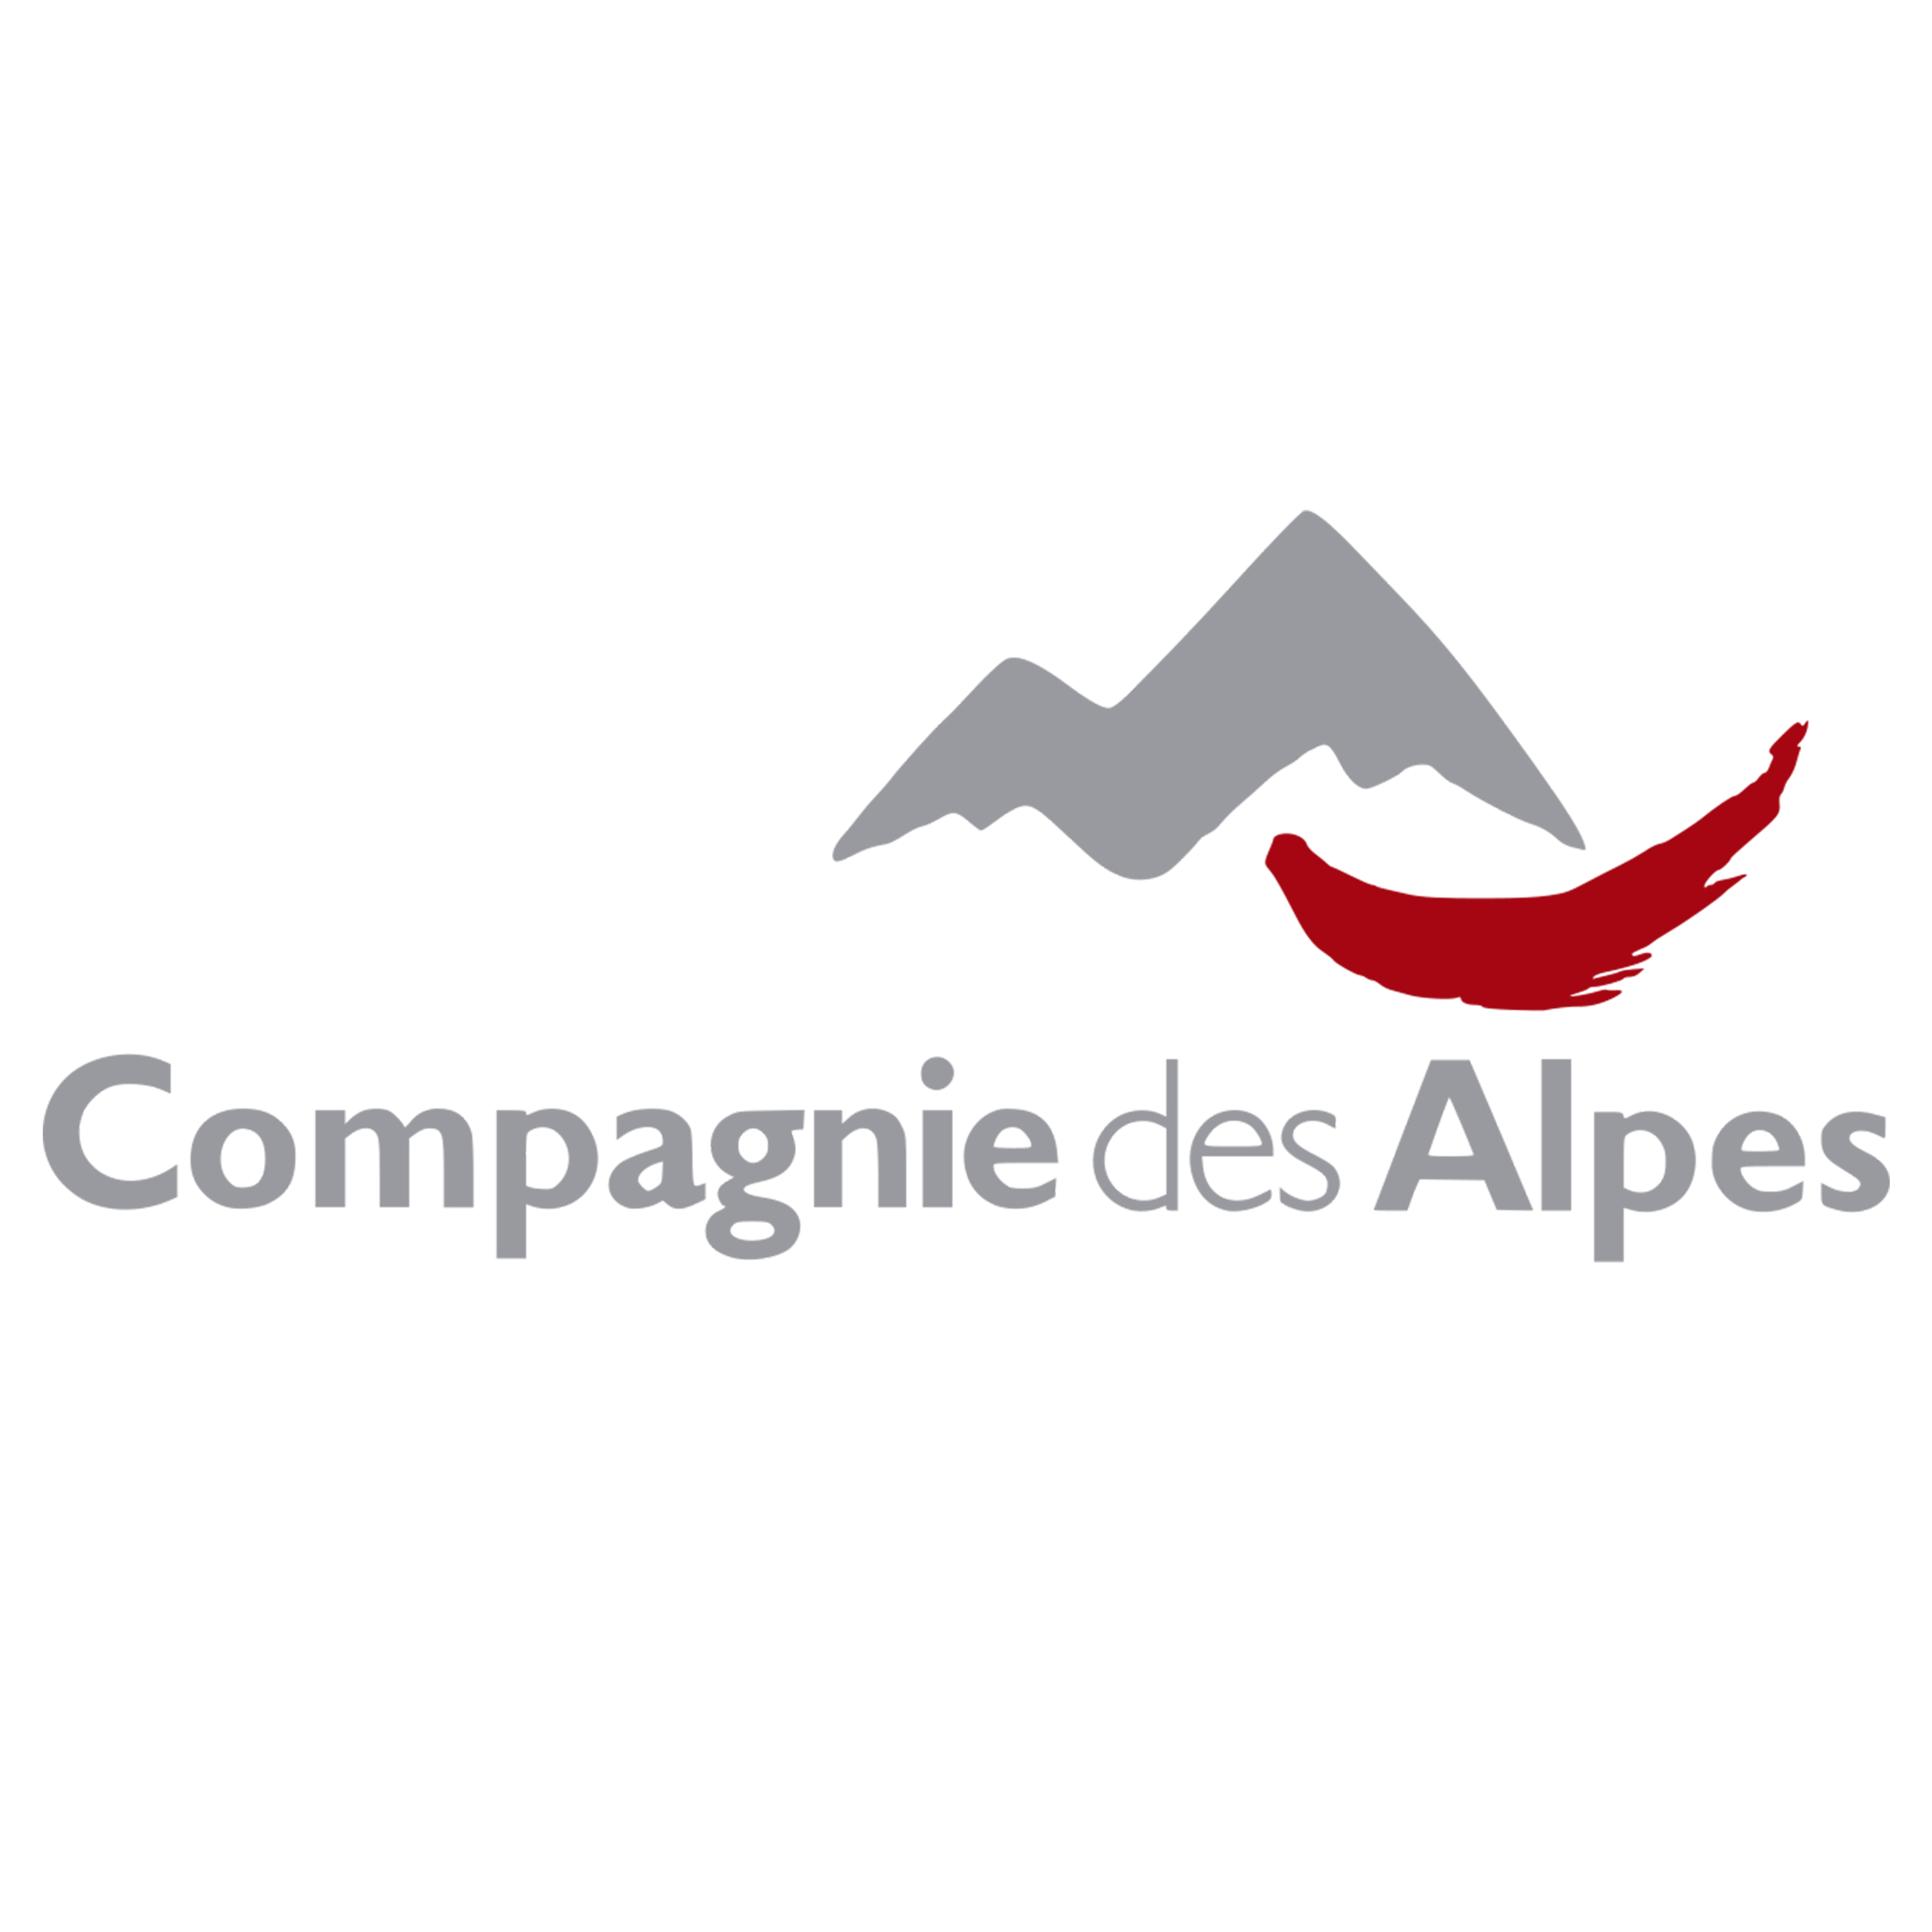 companie-des-alpes